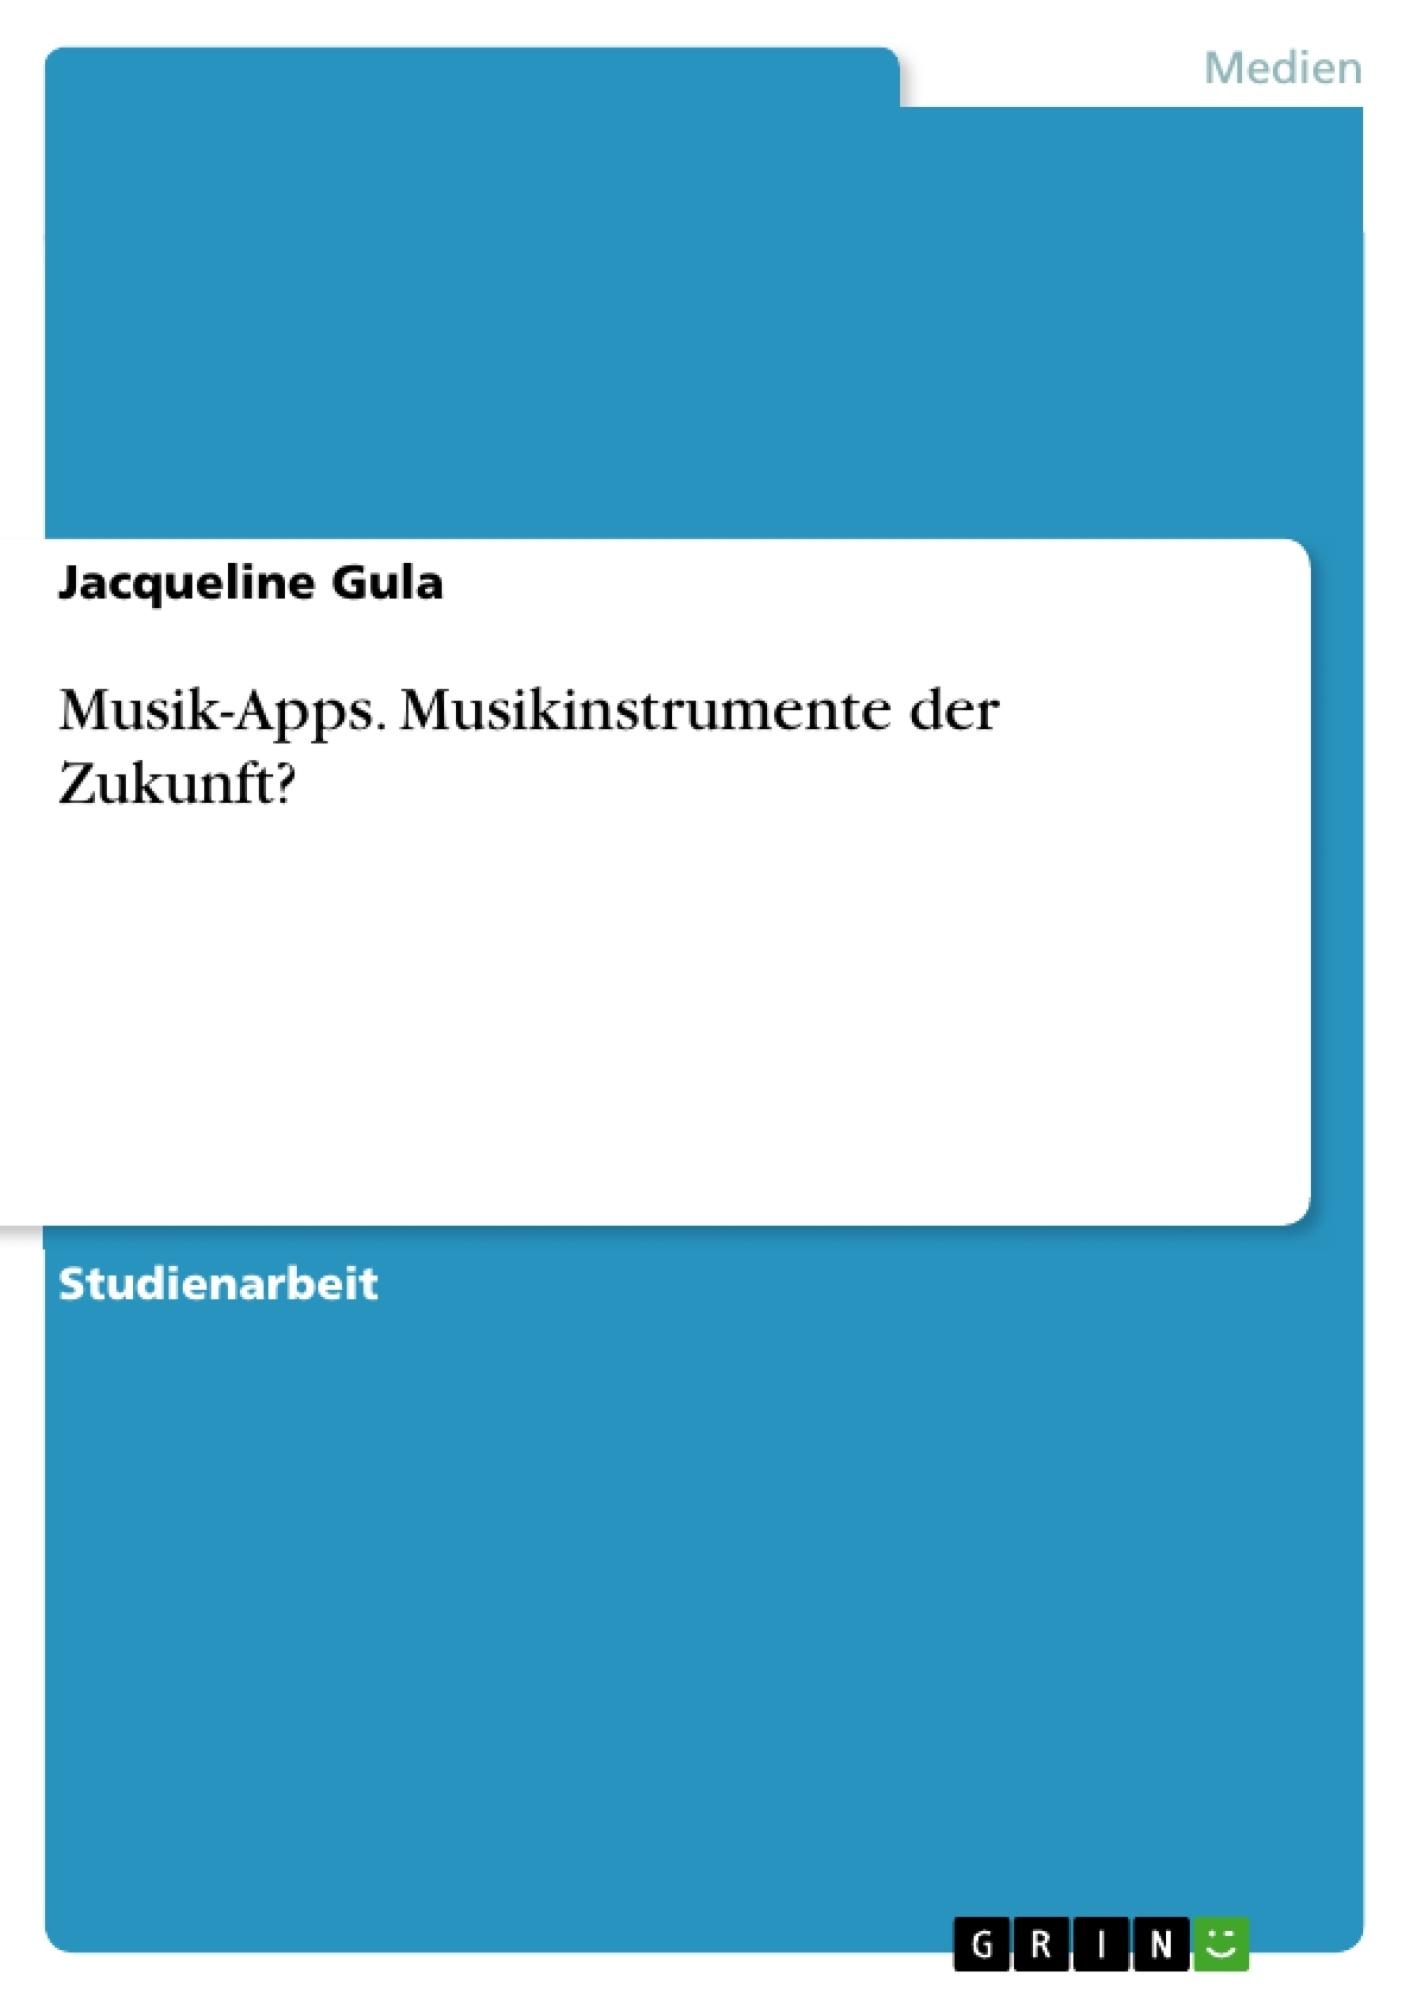 Titel: Musik-Apps. Musikinstrumente der Zukunft?